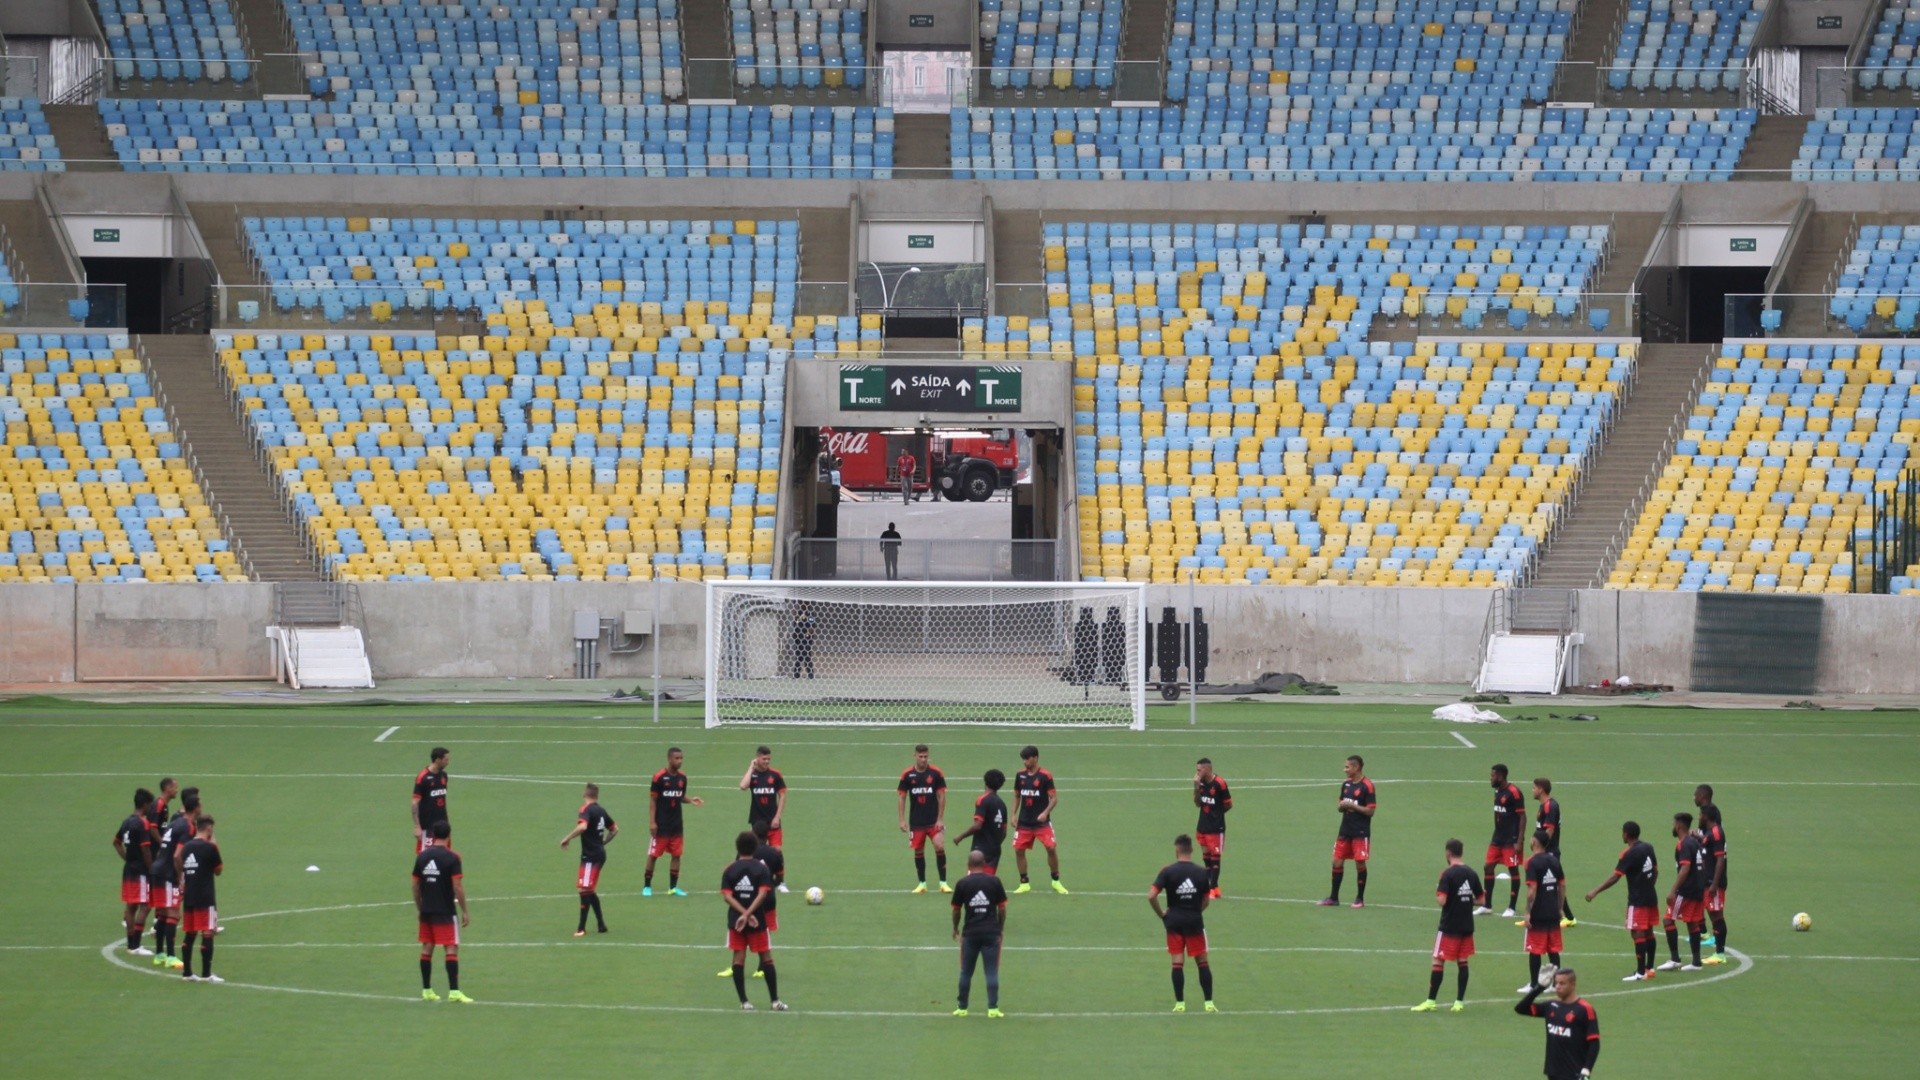 Os jogadores do Flamengo reunidos no centro do gramado do Maracanã antes da reabertura